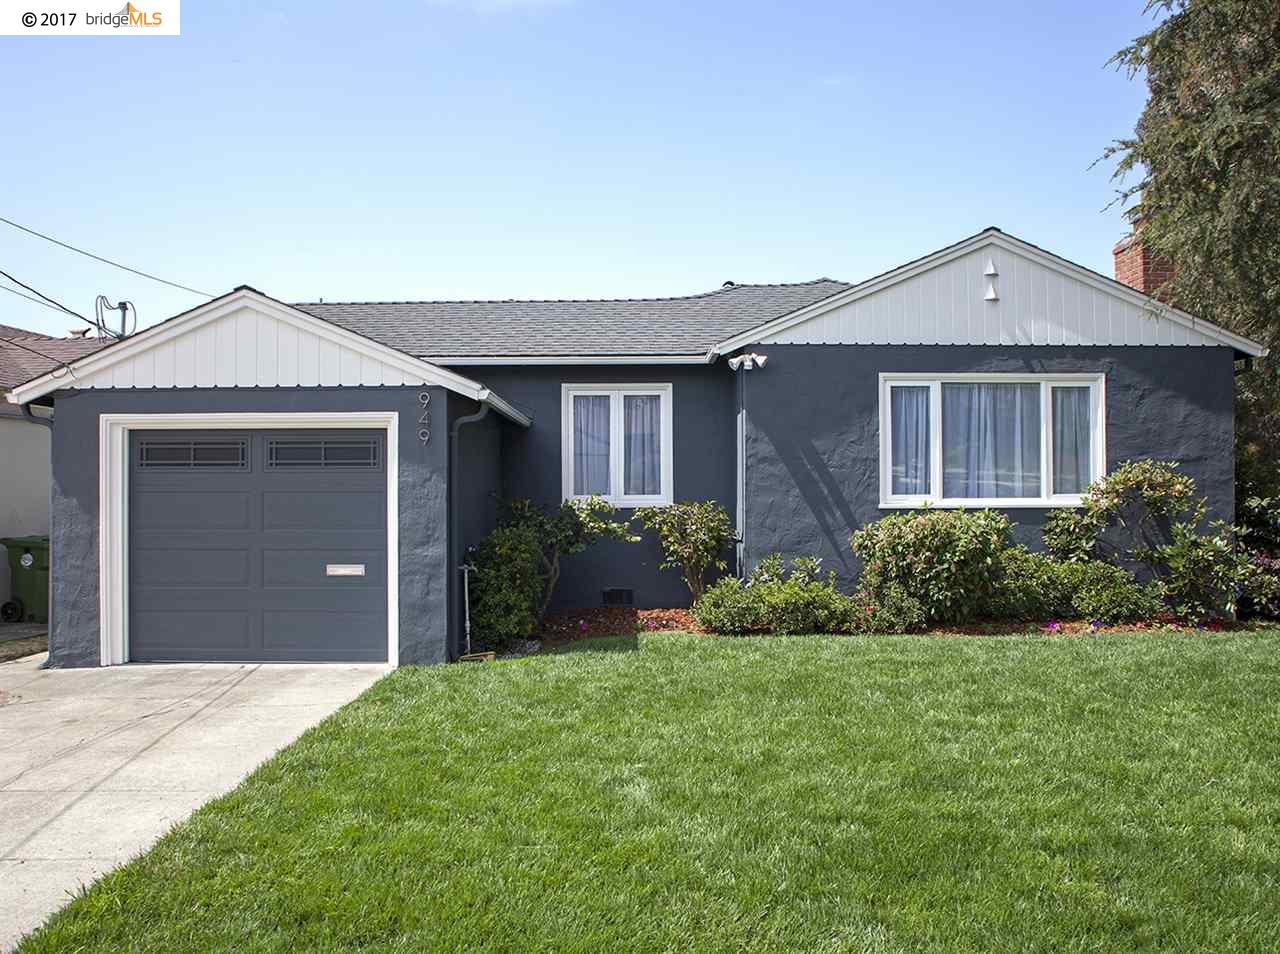 949 Everett St, EL CERRITO, CA 94530